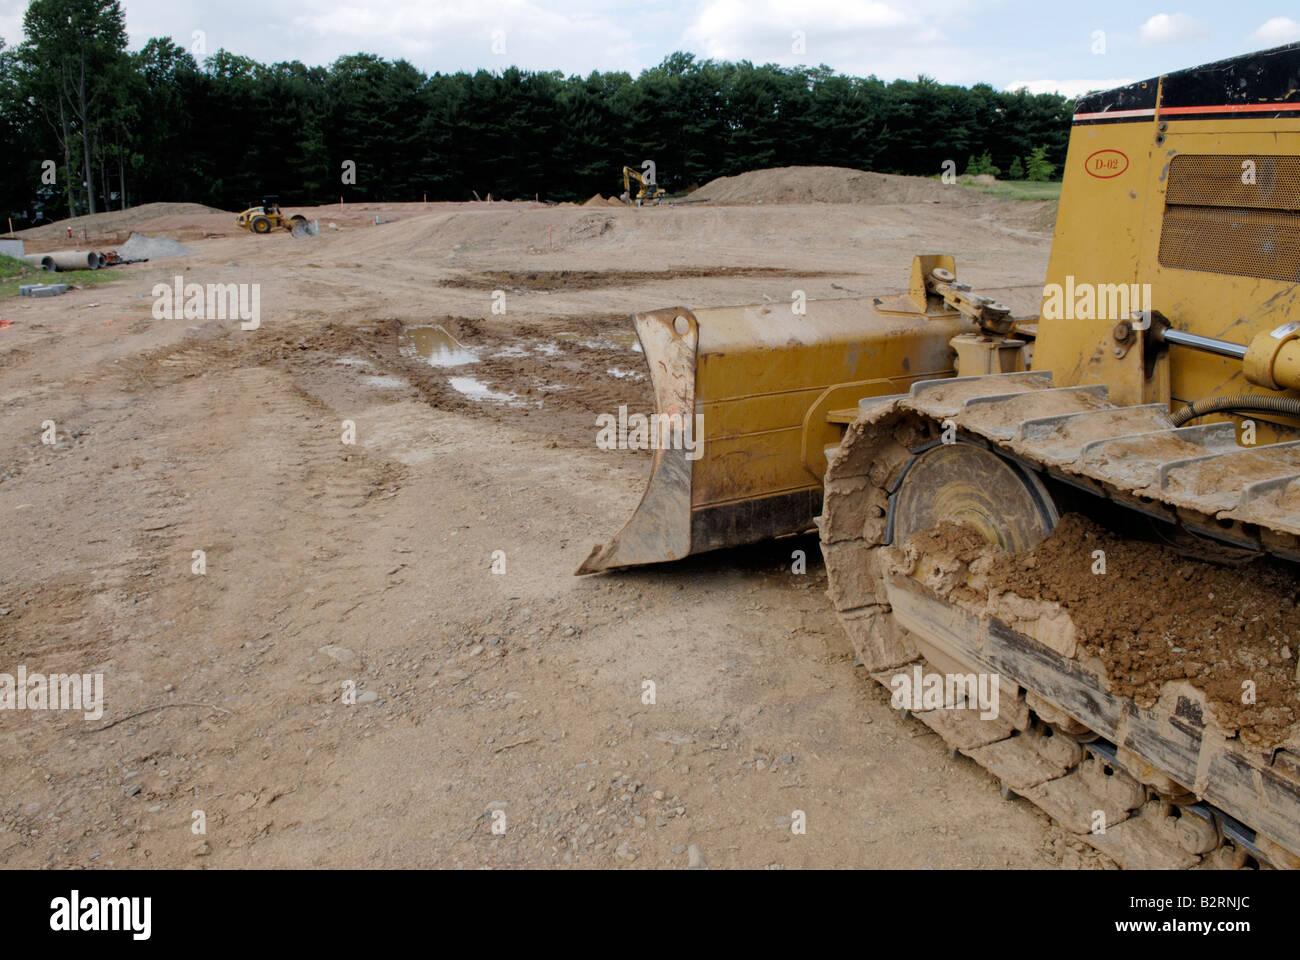 Au Bulldozer clearing pour un développement de nouveaux logements Photo Stock